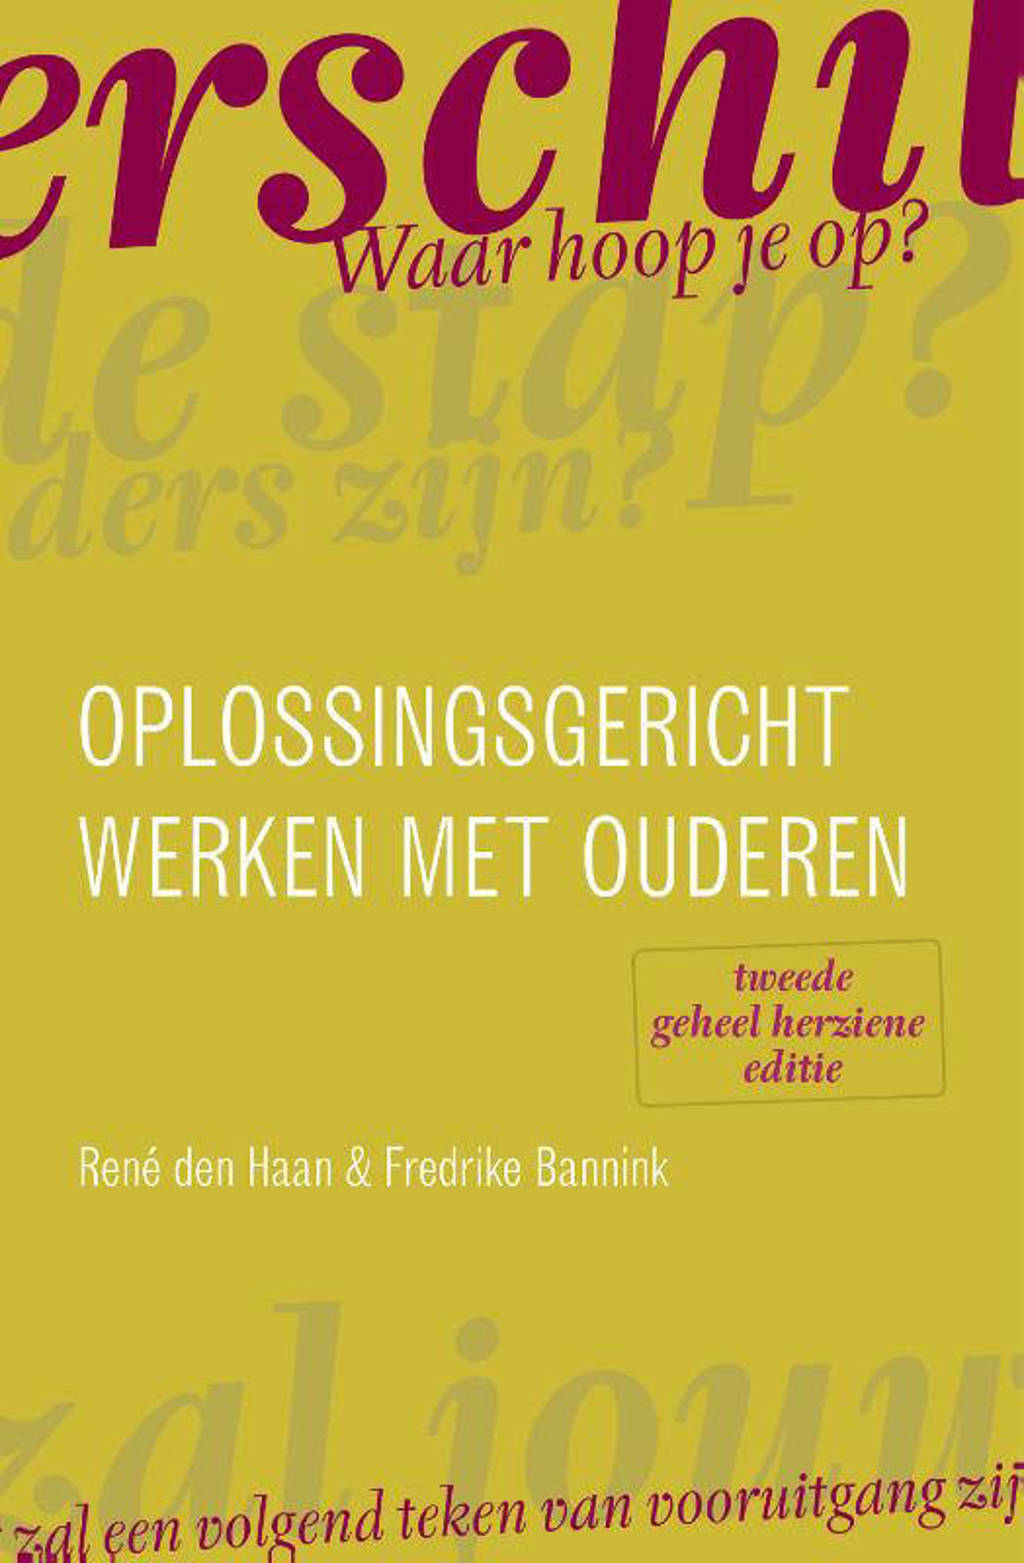 Oplossingsgericht werken met ouderen - René den Haan en Fredrike Bannink